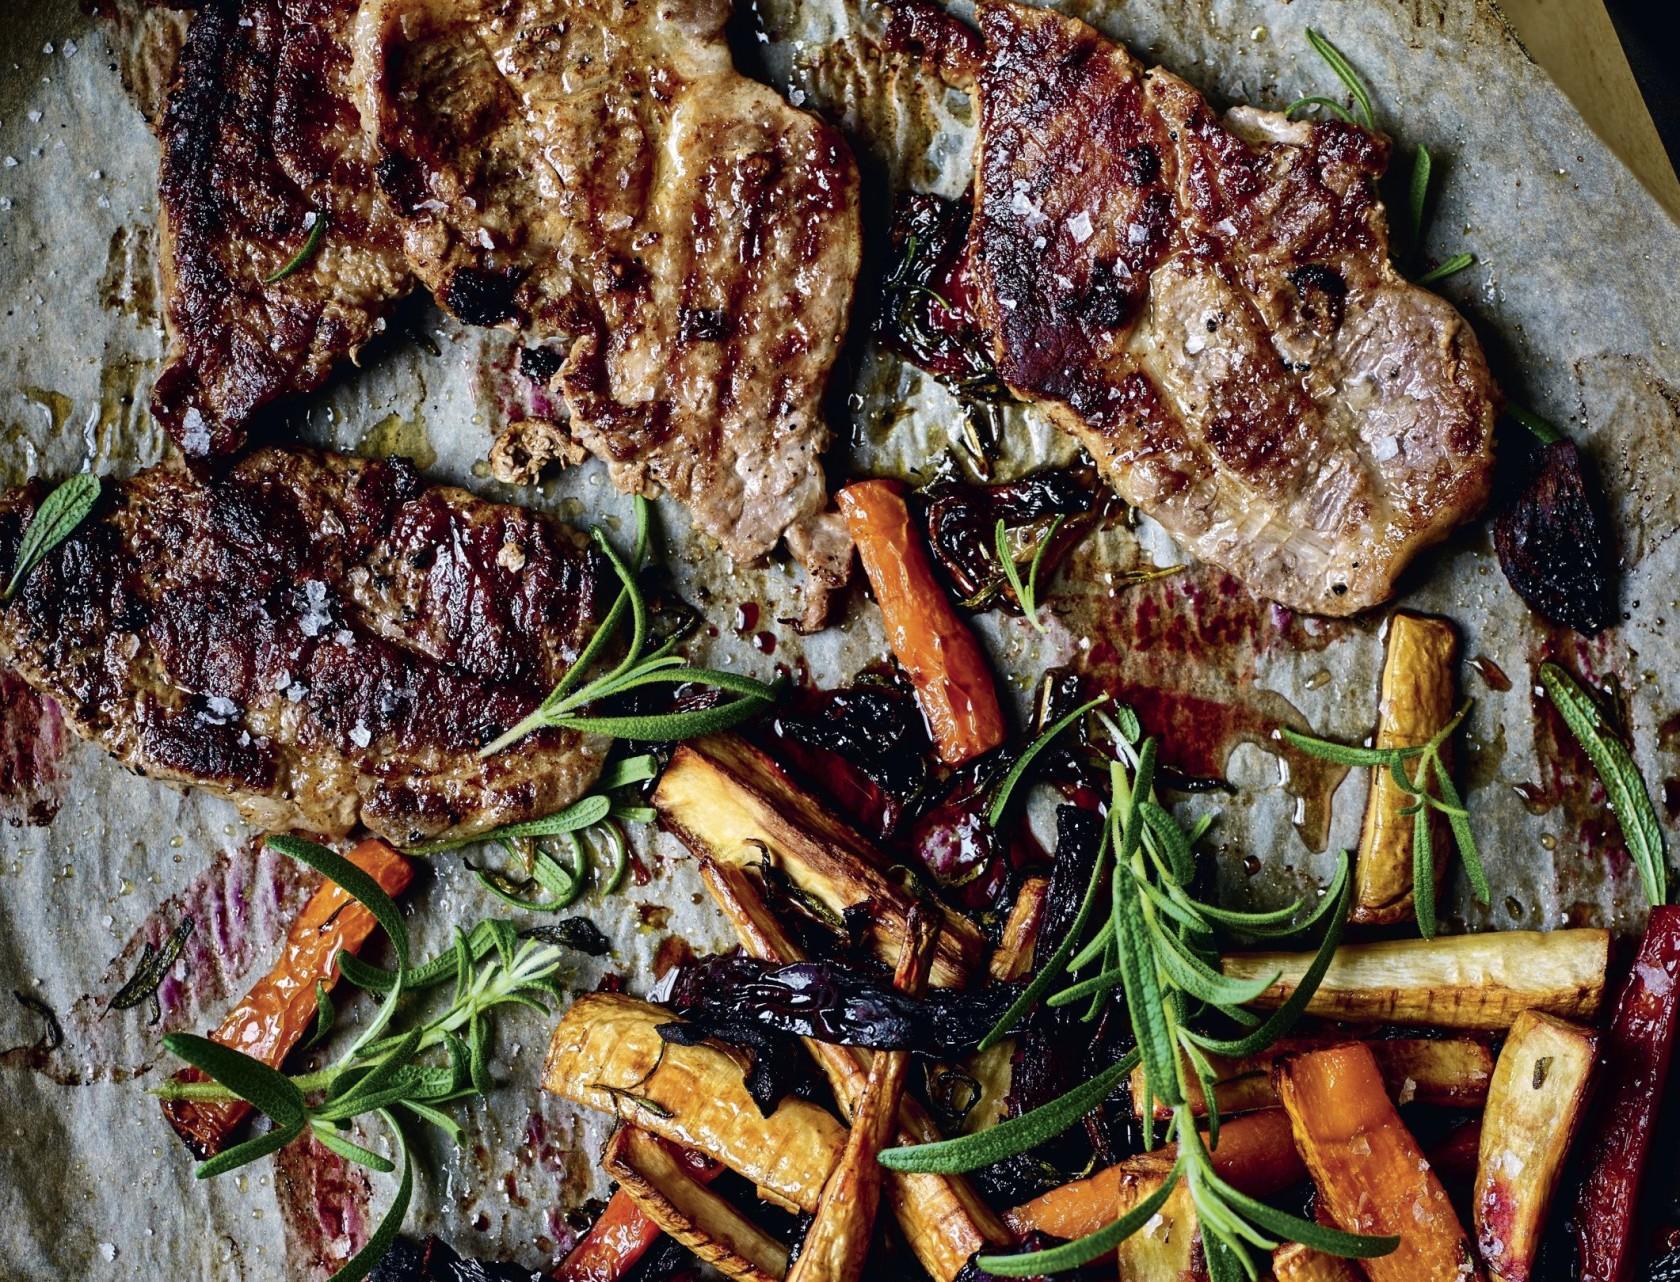 Koteletter med bagte rodfrugter og rødløg - god opskrift på lækker hverdagsmad.